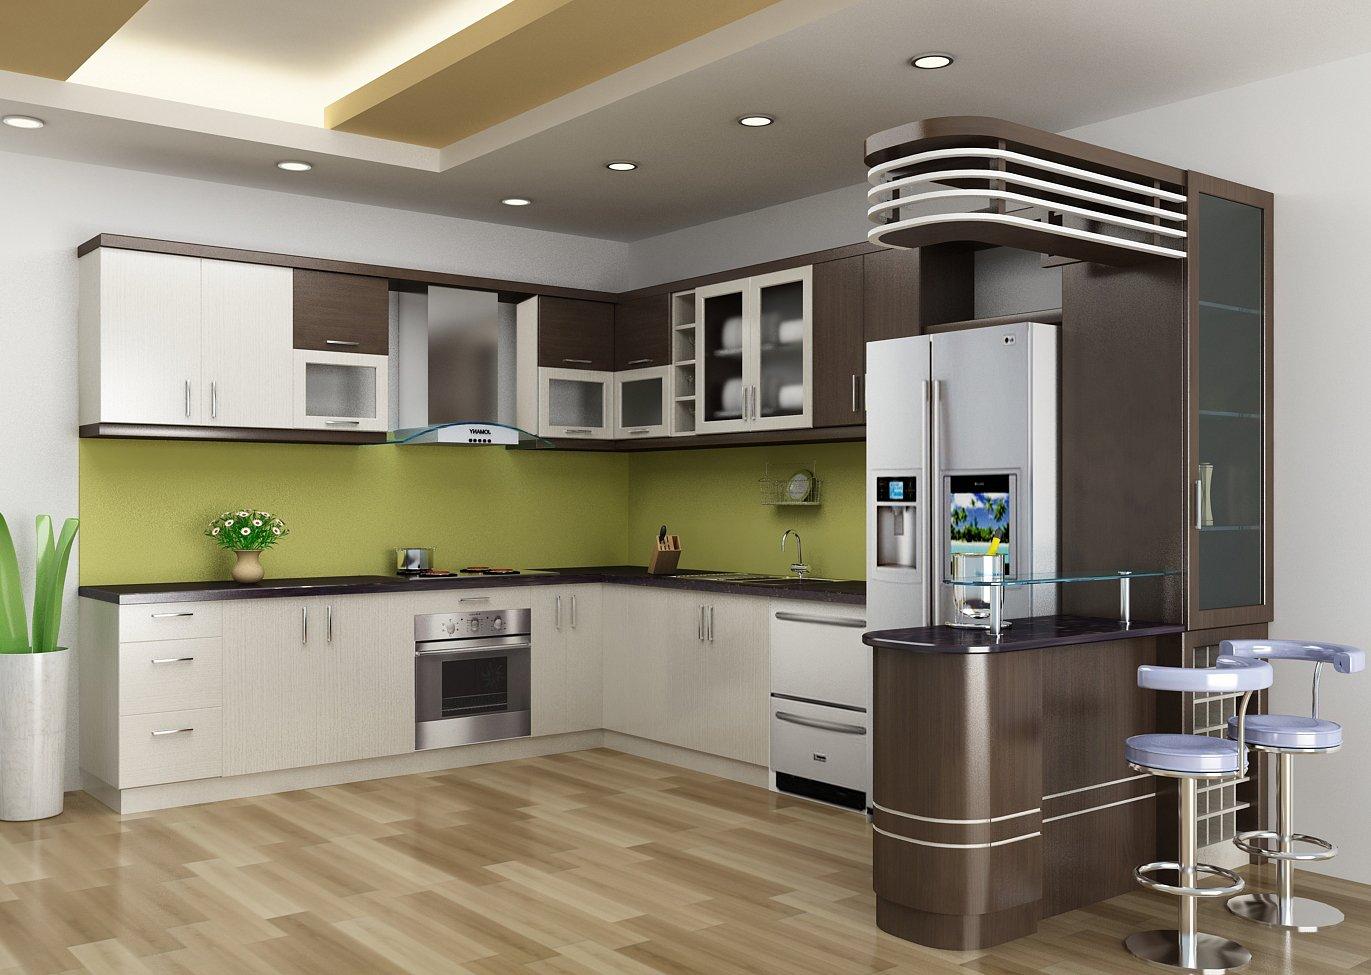 Mẫu nội thất tủ bếp gỗ cao cấp hiện đại giá rẻ dành cho gia đình post image